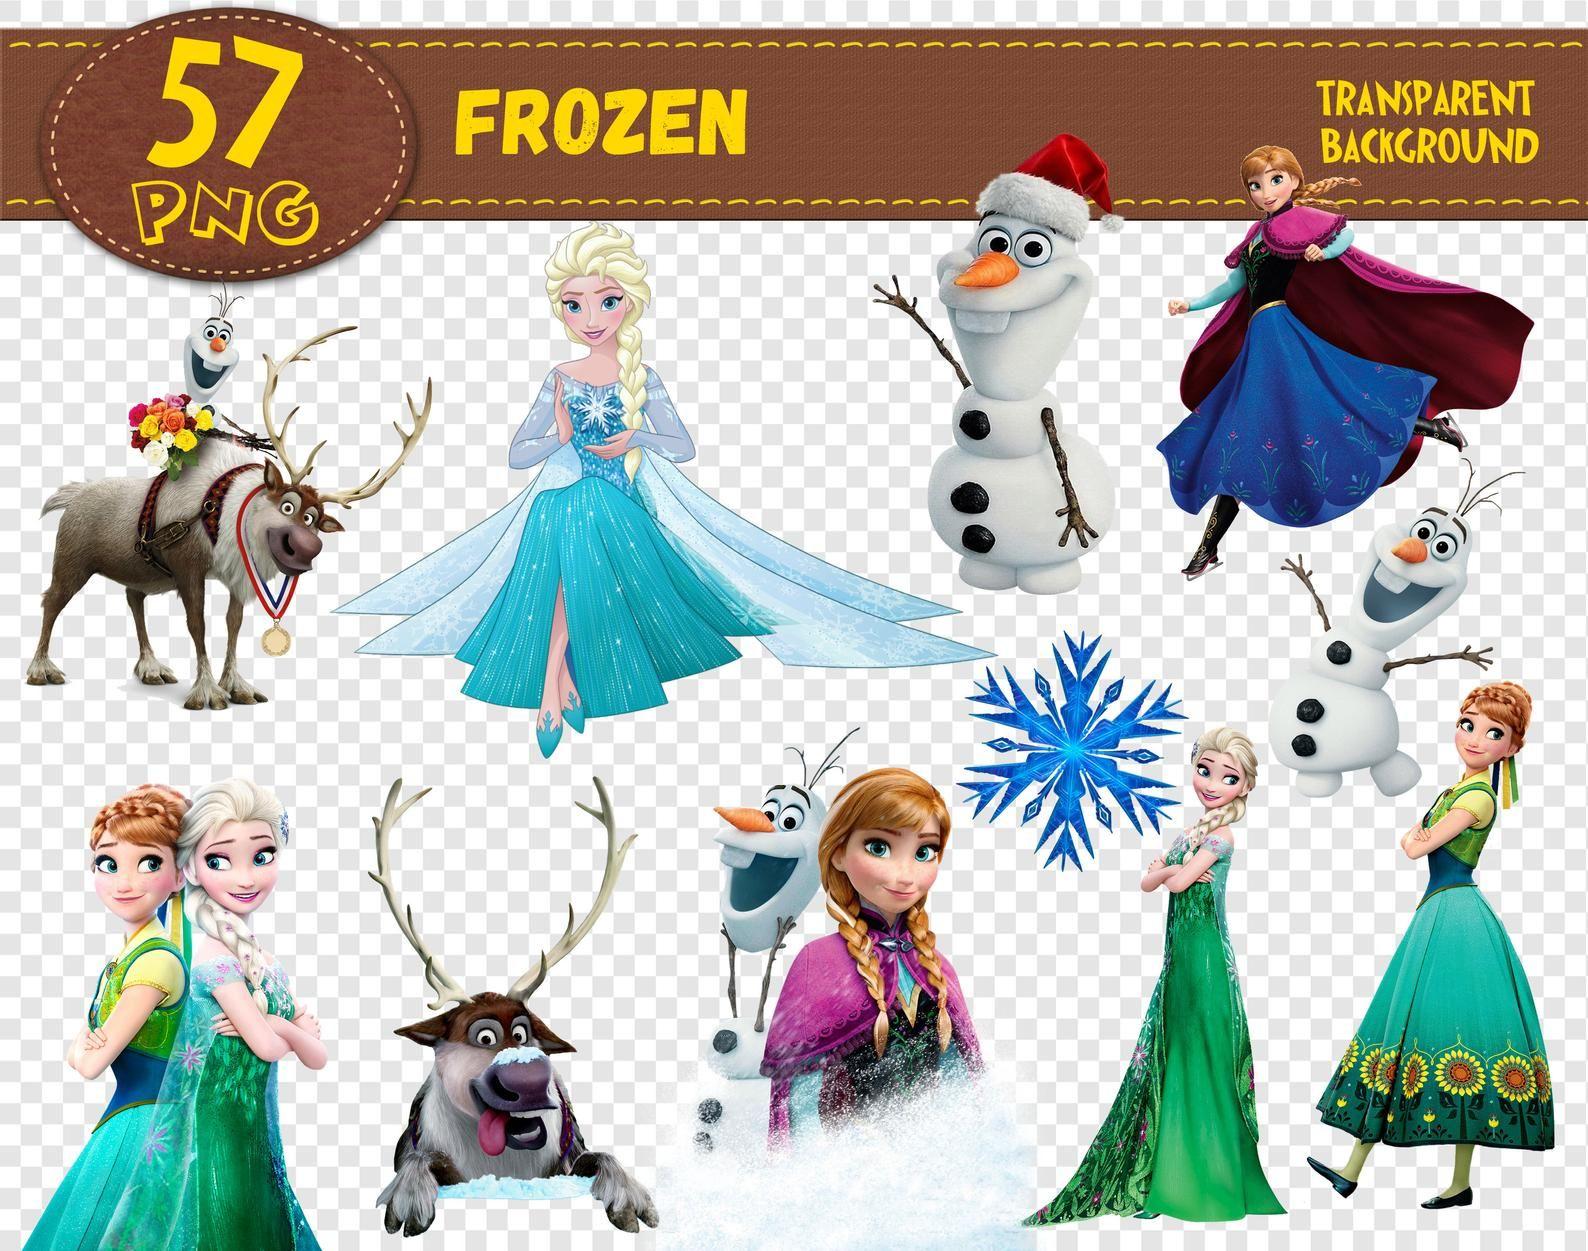 Transparent Elsa Clipart - Elsa Frozen Characters Png, Png Download -  kindpng